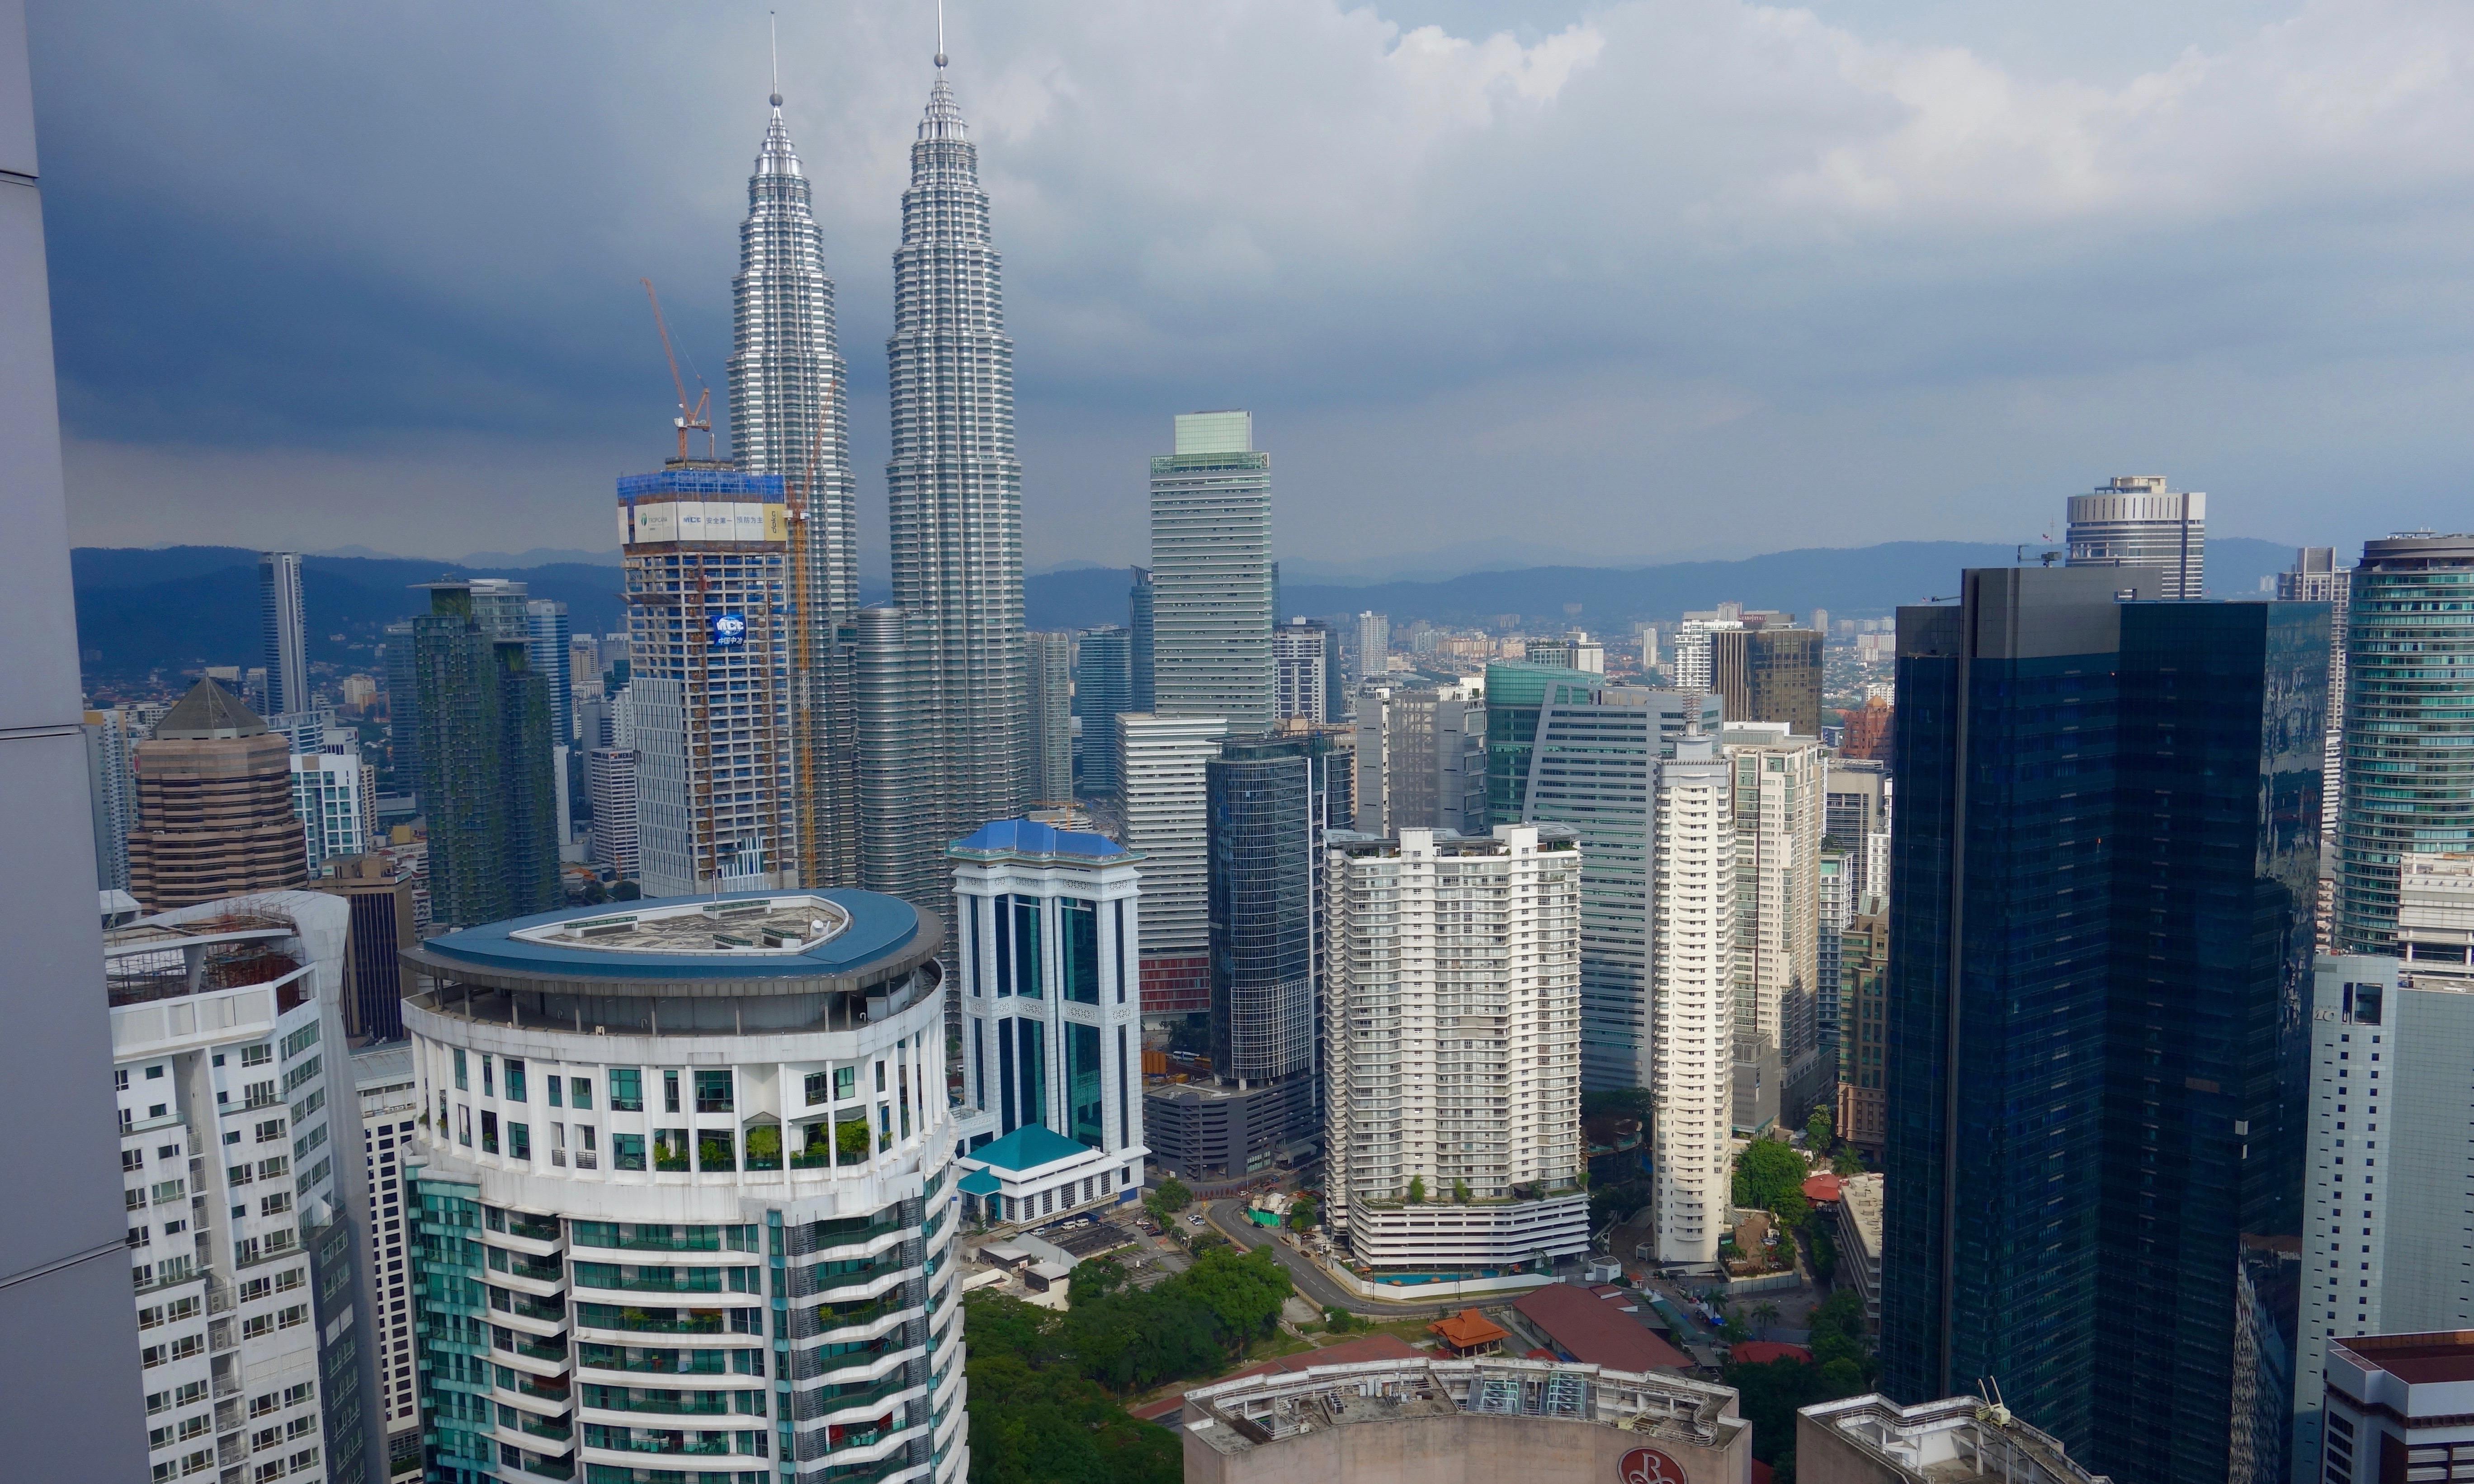 Live like a local in Kuala Lumpur, Malaysia